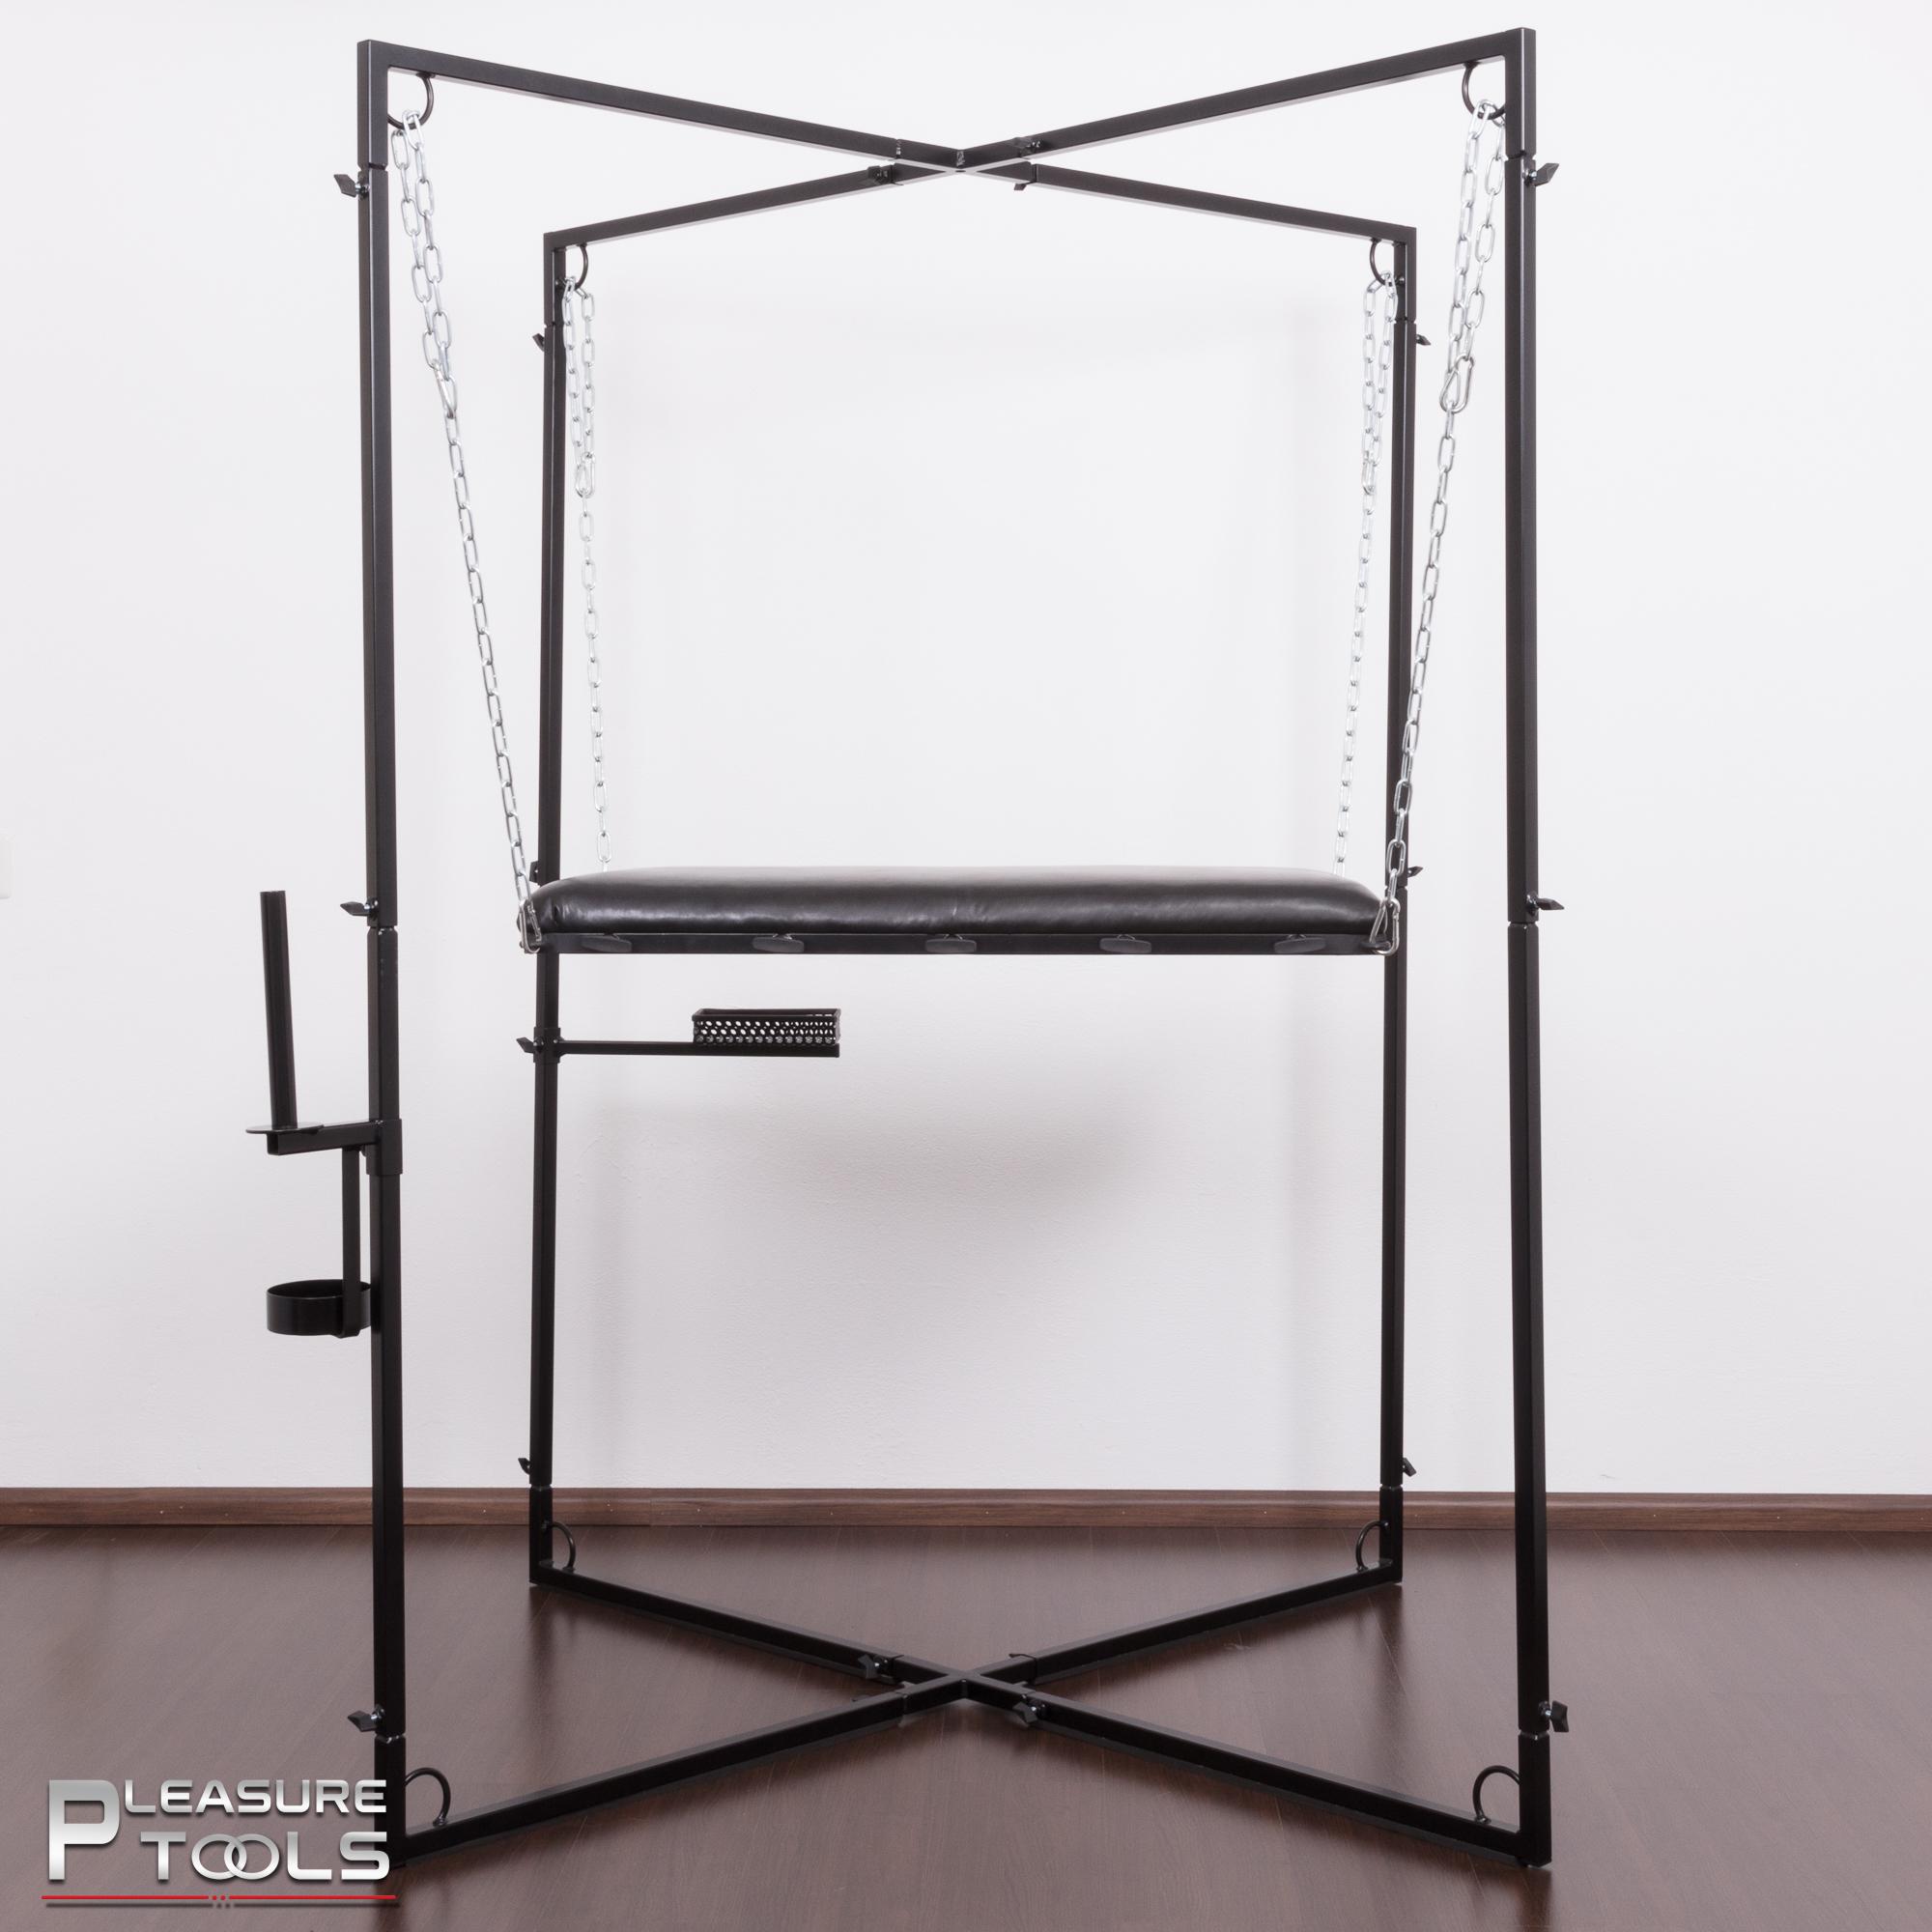 Pleasure Tools bondagetafel in frame zijaanzicht